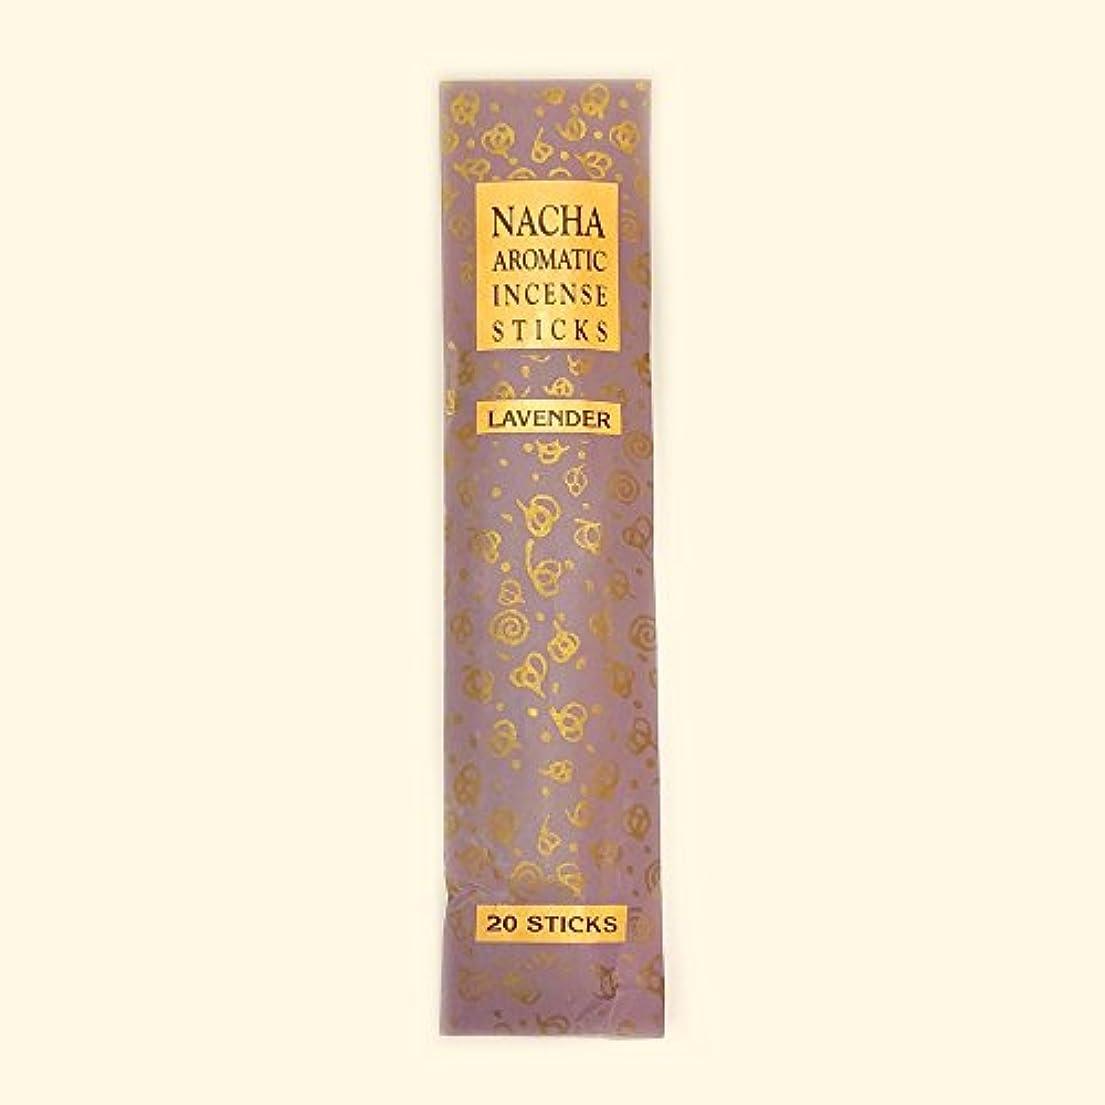 教義版パック【NACHA】NACHA NATURALS インセンス ラベンダー